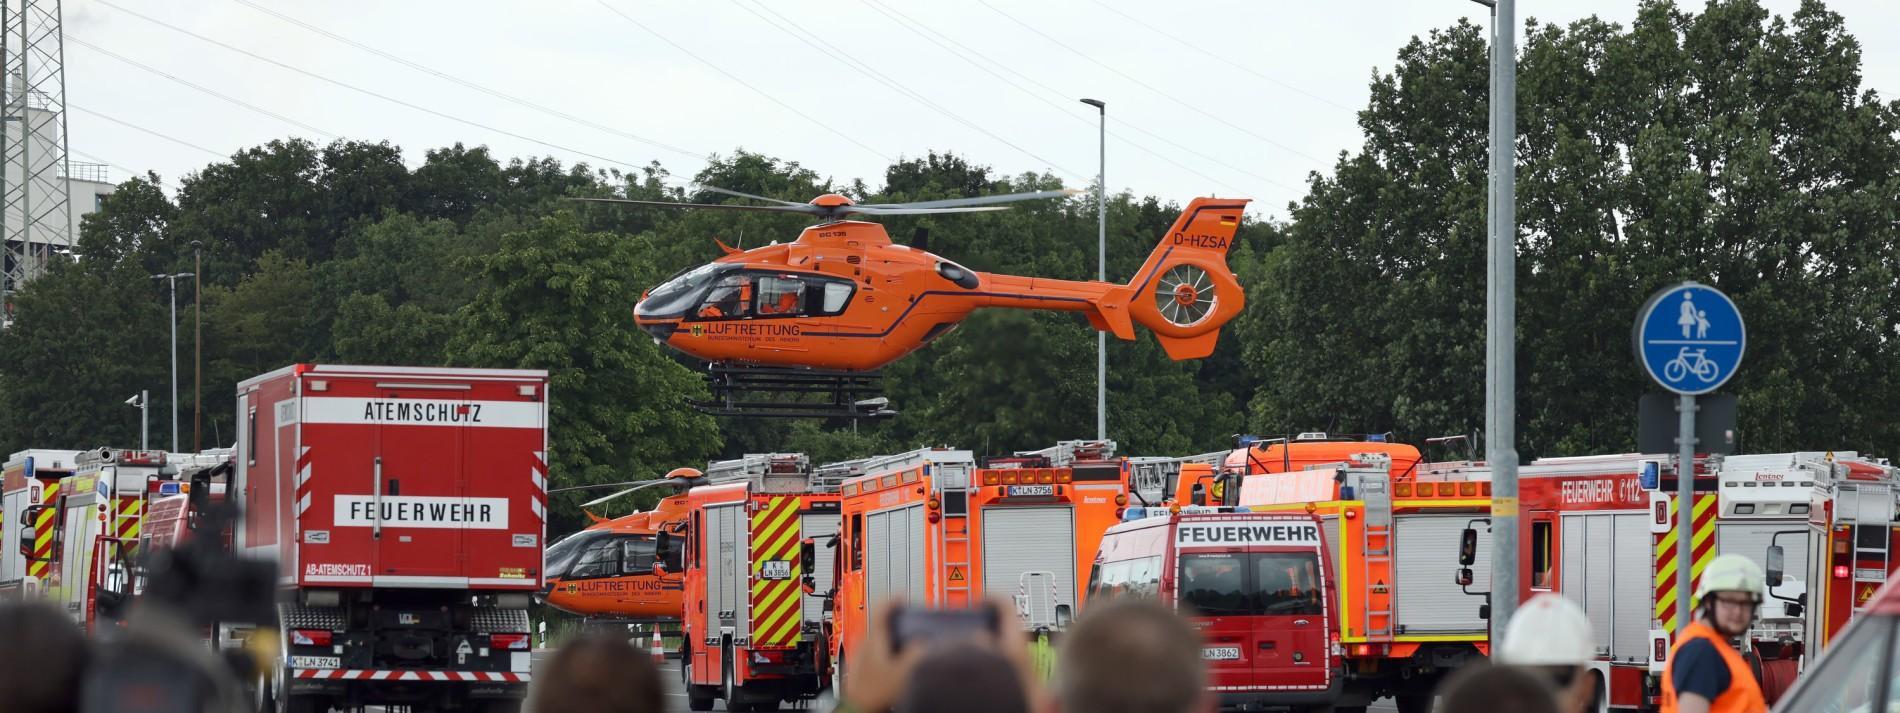 Ermittlungen wegen fahrlässiger Tötung nach Explosion in Leverkusen